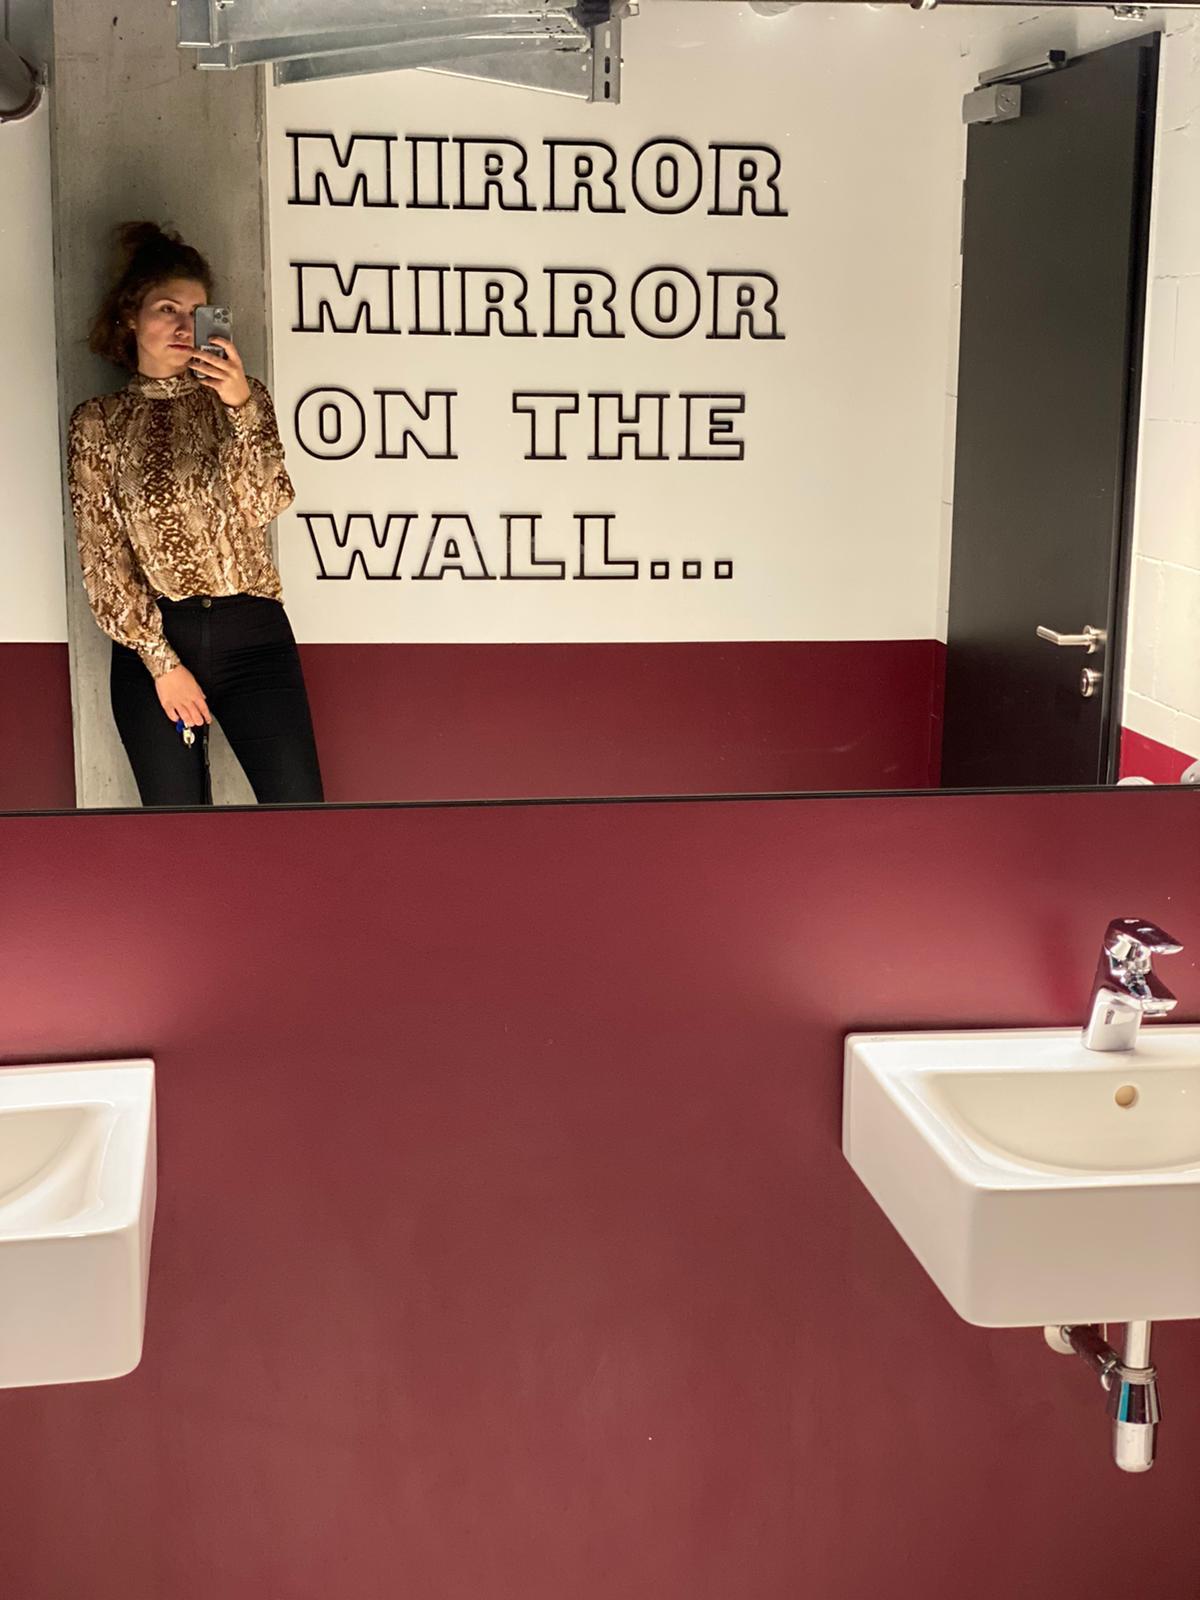 """Mitarbeiterin, daneben eine Wand auf der steht """"Mirror mirror on the wall..."""""""